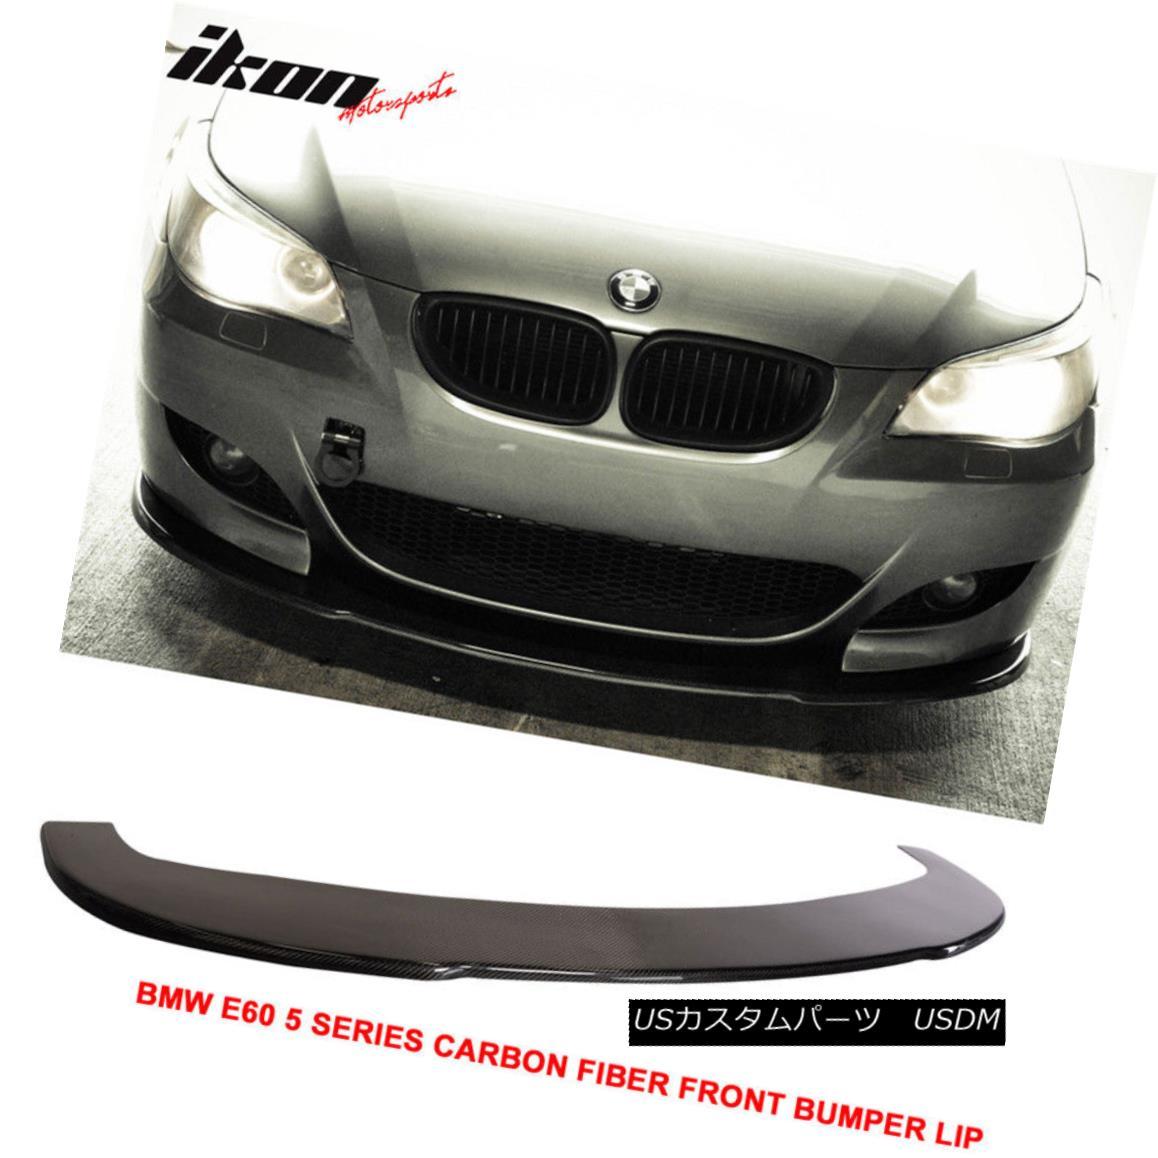 エアロパーツ Fits 04-10 BMW E60 5 Series Front Bumper Splitter Carbon Fiber フィット04-10 BMW E60 5シリーズフロントバンパースプリッターカーボンファイバー